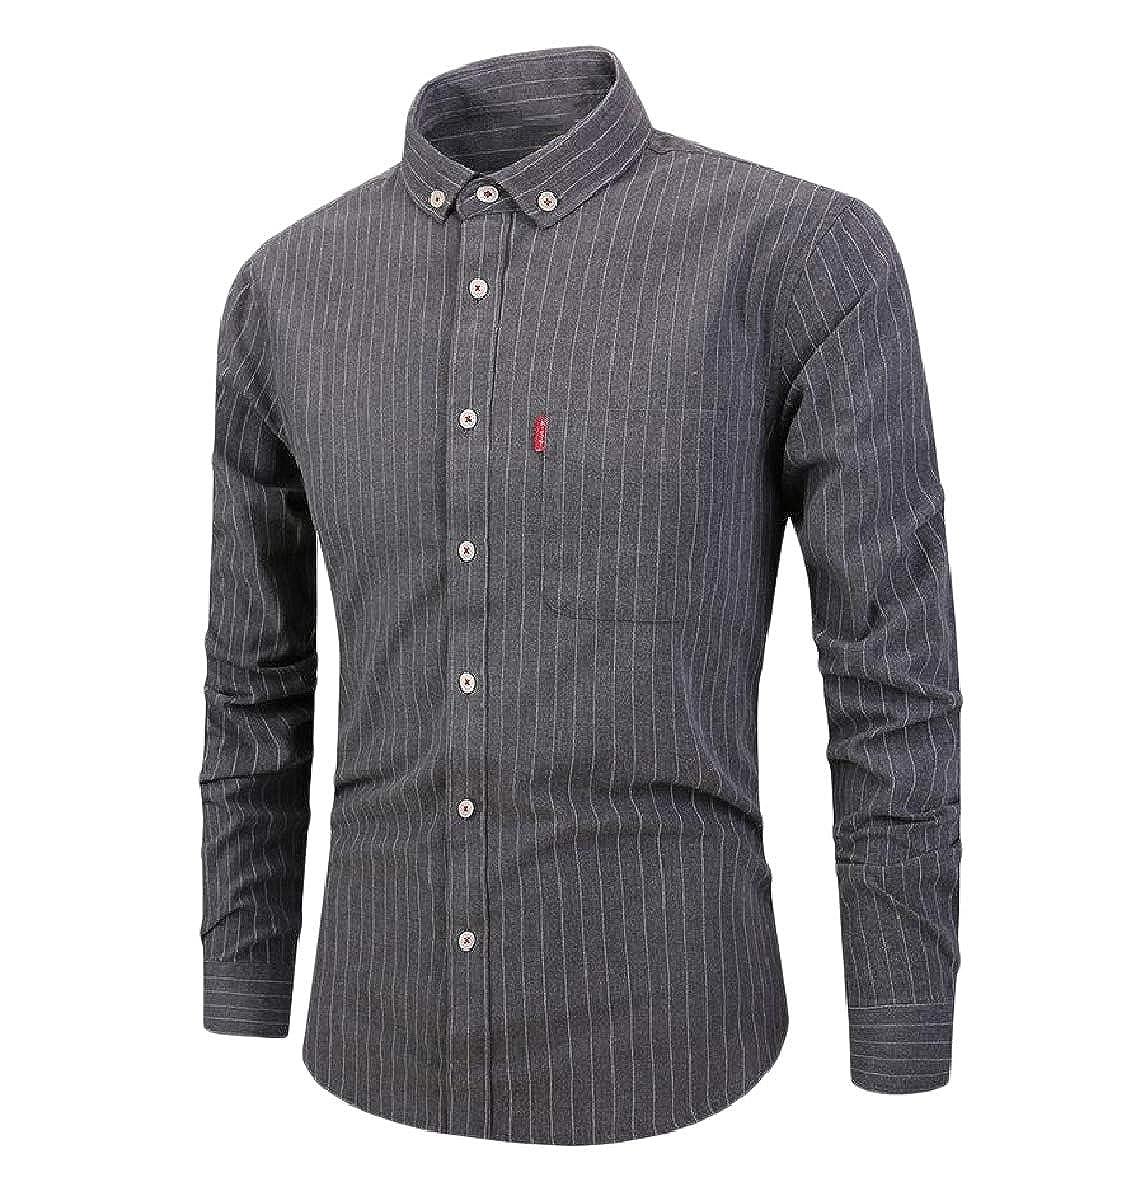 Mfasica Mens Non-Iron Plus Size Formal Cotton Premium Select Woven Shirt